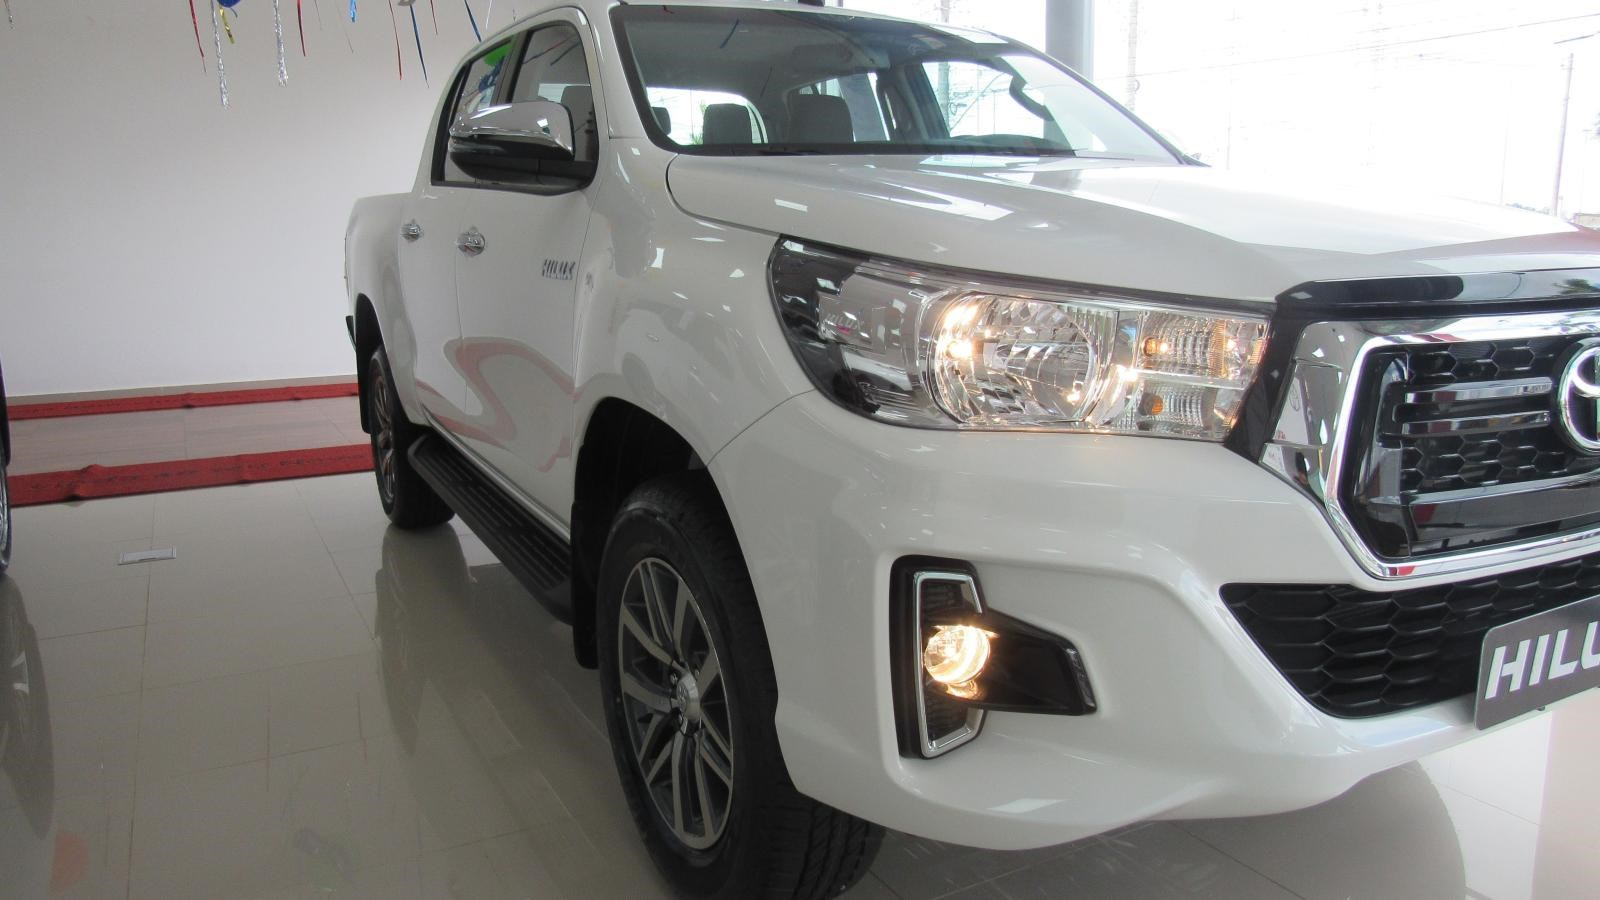 //www.autoline.com.br/carro/toyota/hilux-27-srv-16v-picape-flex-4p-automatico/2020/brasilia-df/12330435